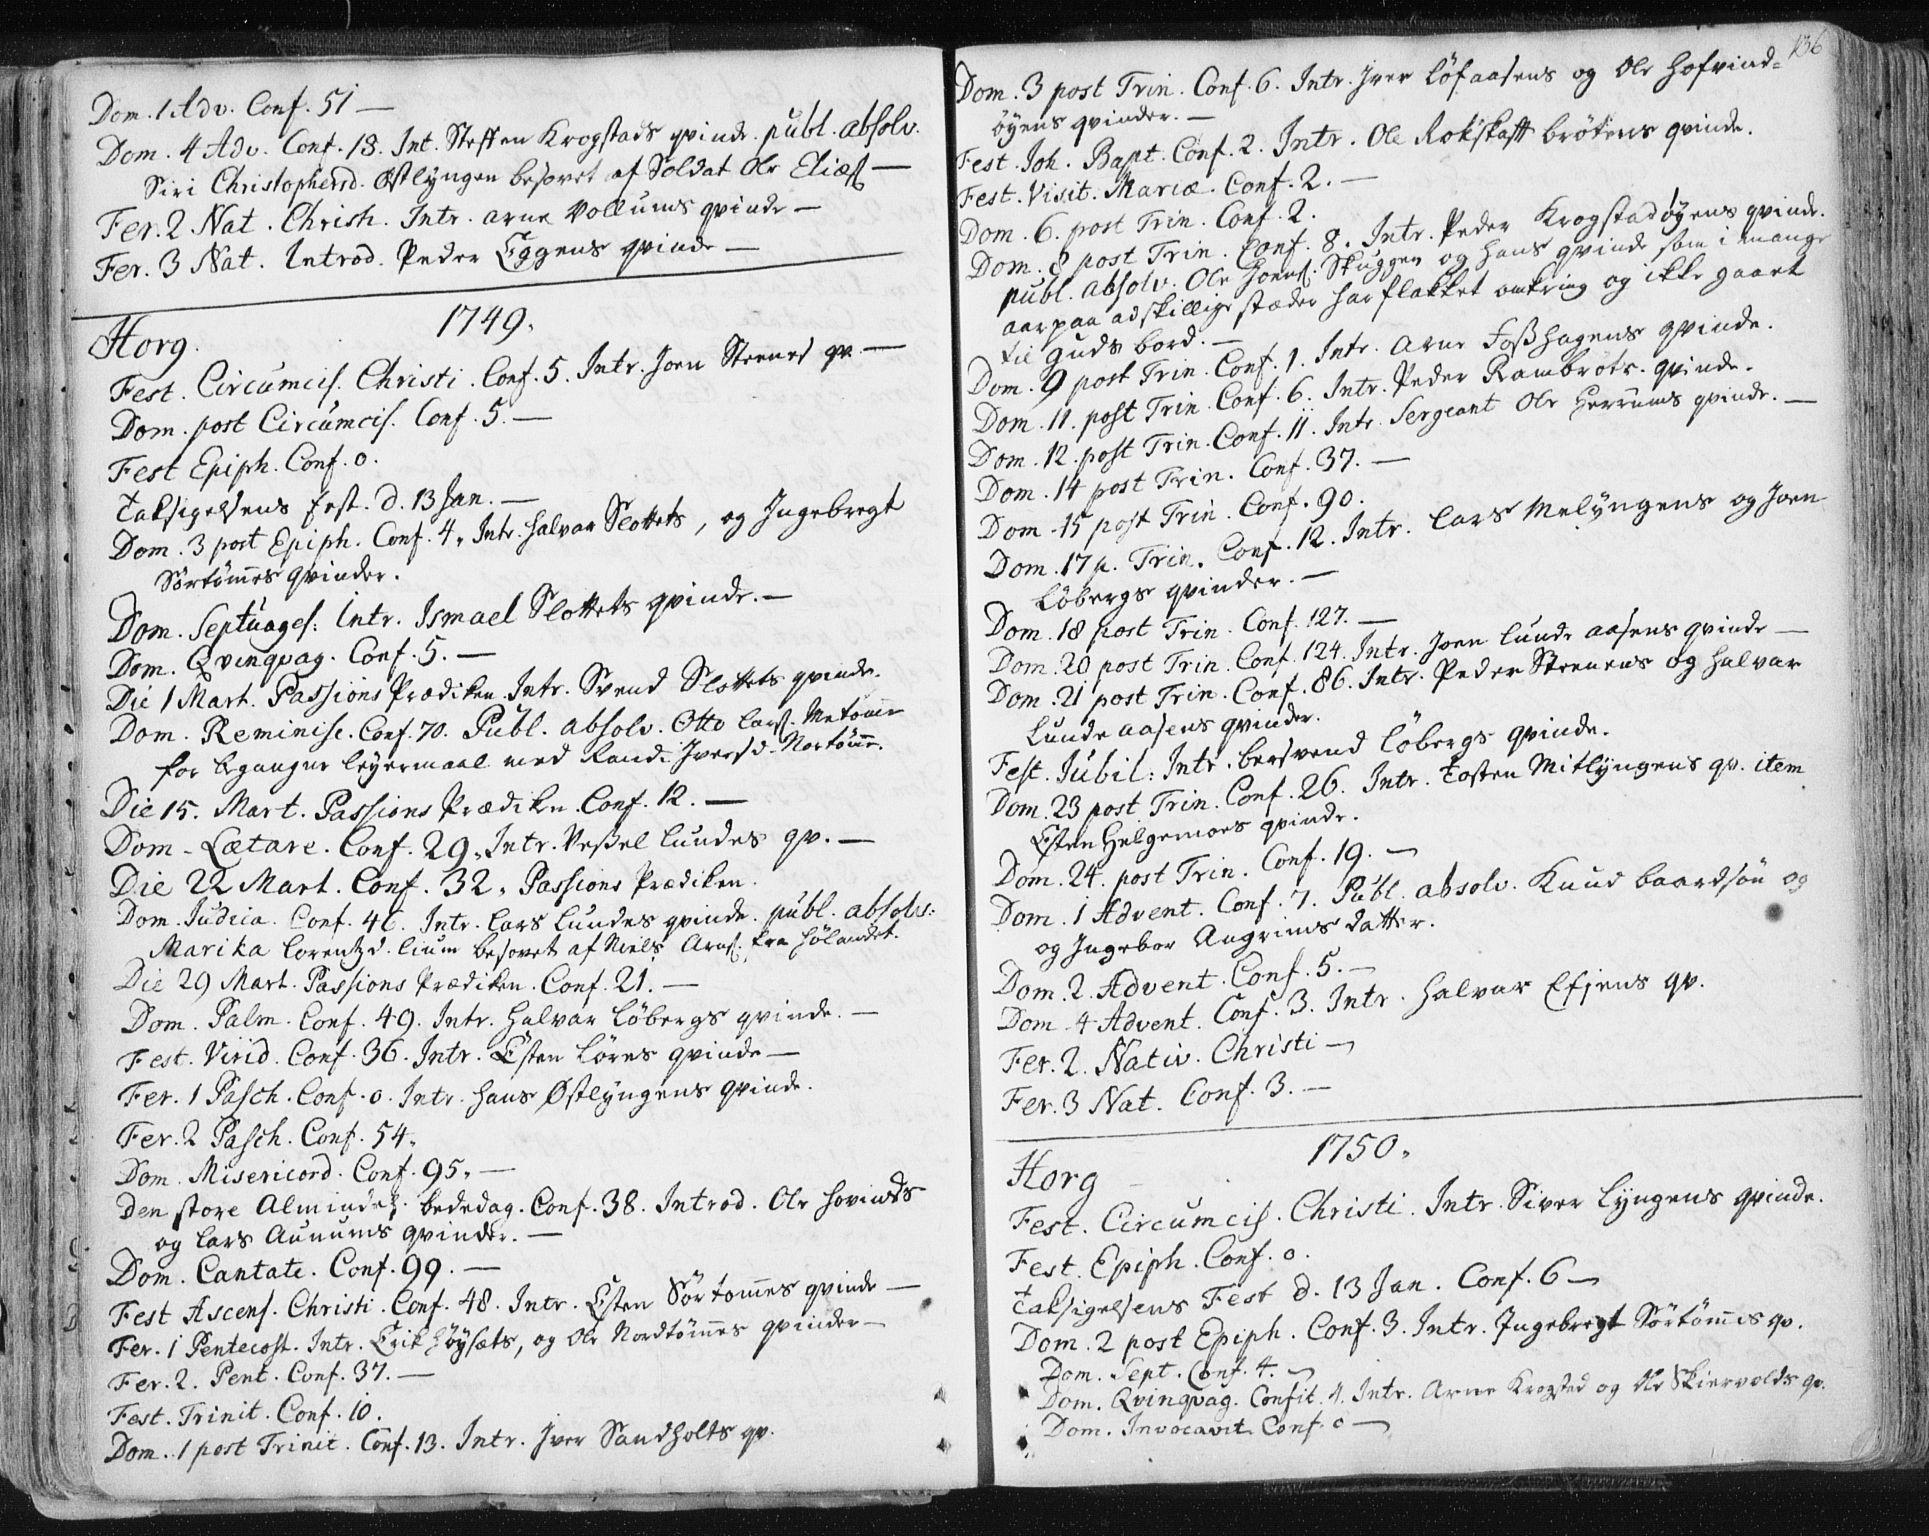 SAT, Ministerialprotokoller, klokkerbøker og fødselsregistre - Sør-Trøndelag, 687/L0991: Ministerialbok nr. 687A02, 1747-1790, s. 136